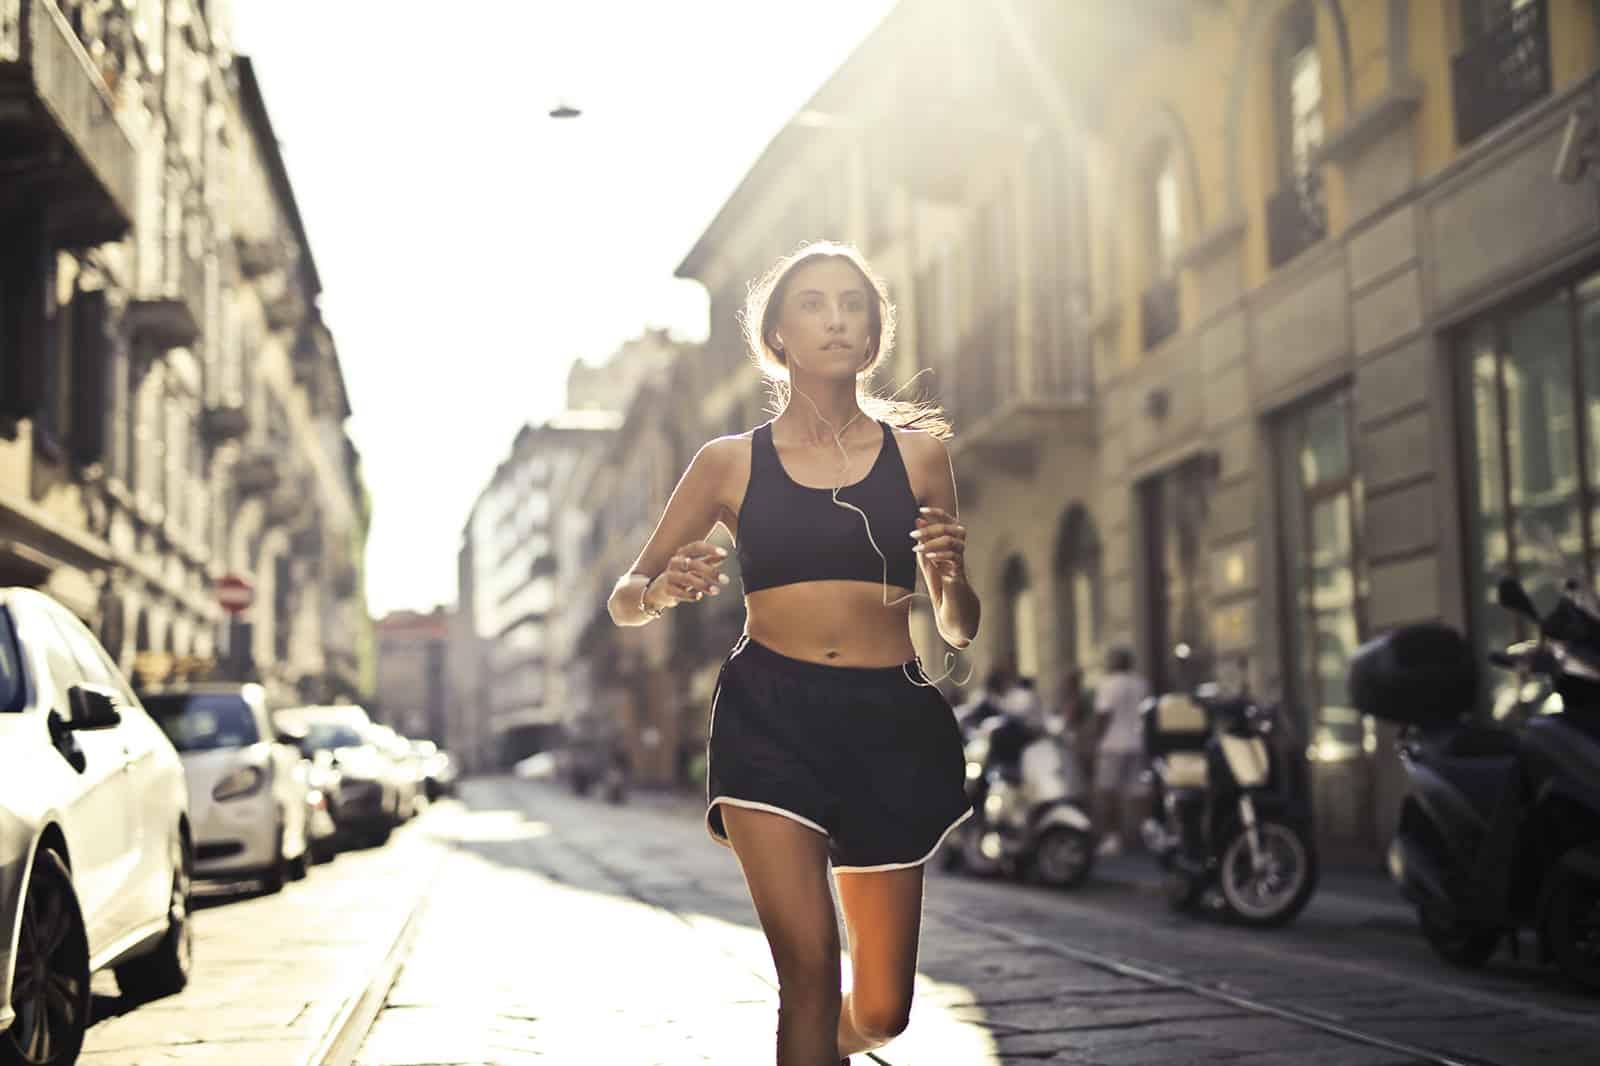 eine Frau, die die Straße entlang joggt und Musik über Kopfhörer hört